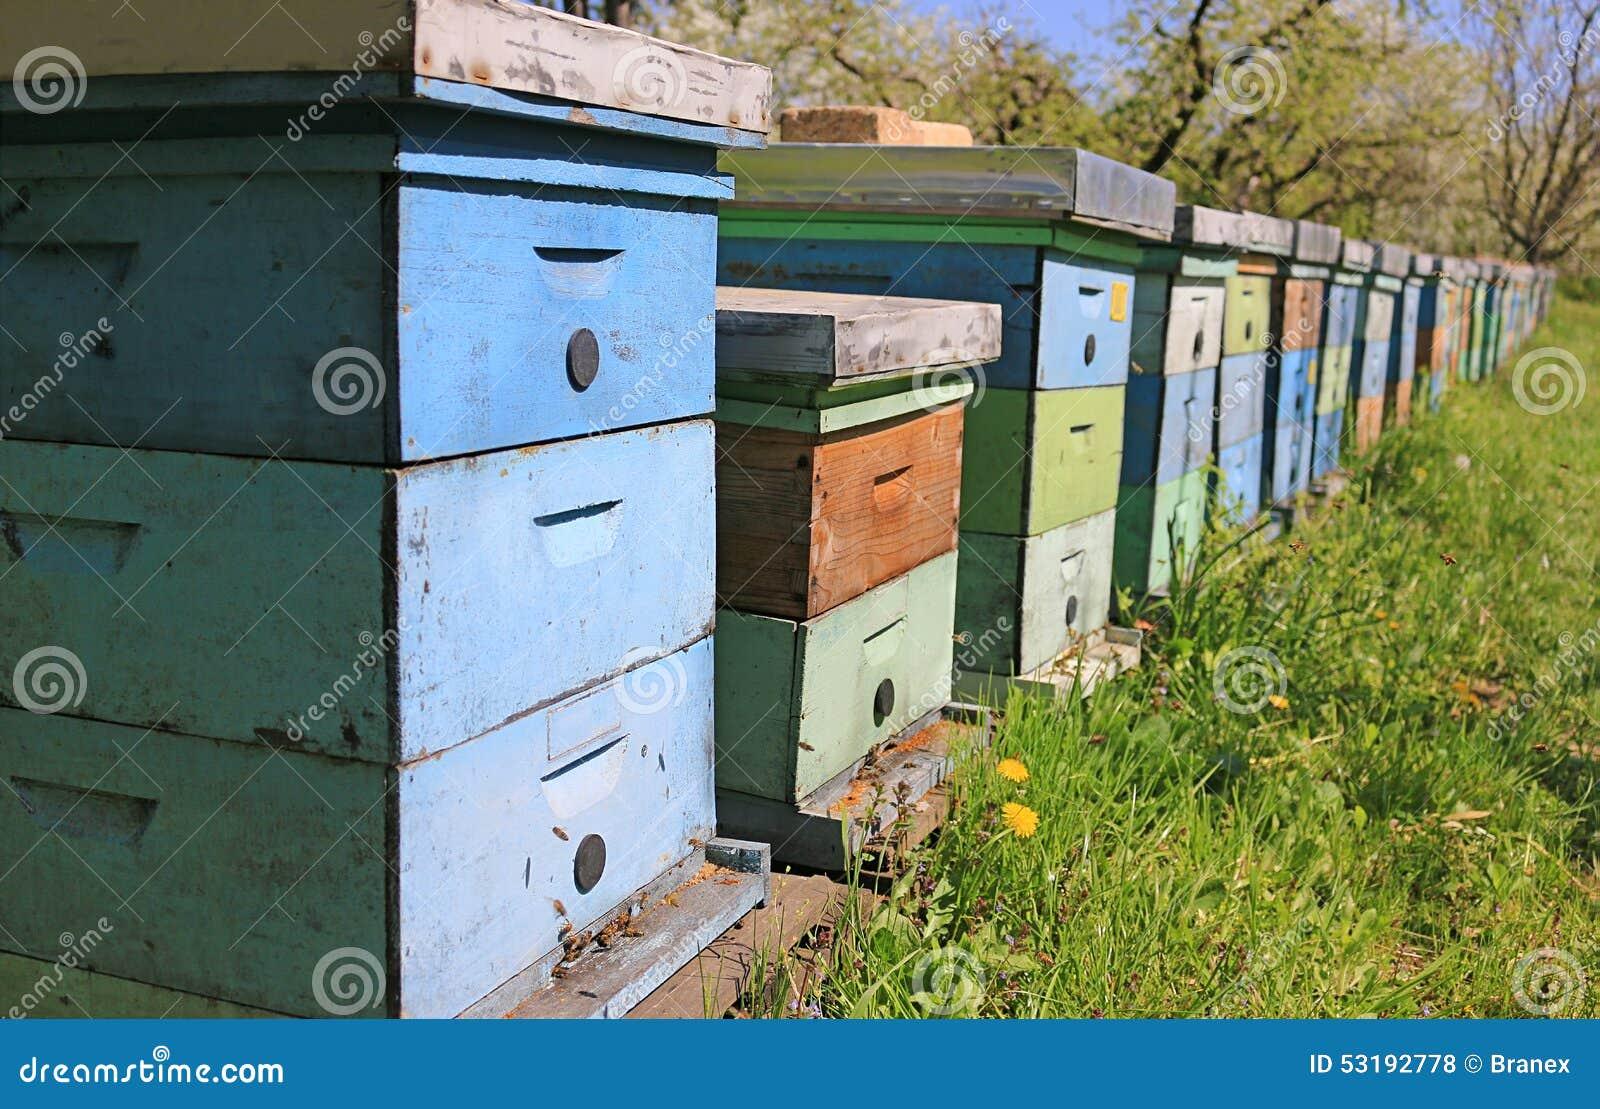 Imkerij, bijen en bijenkorven